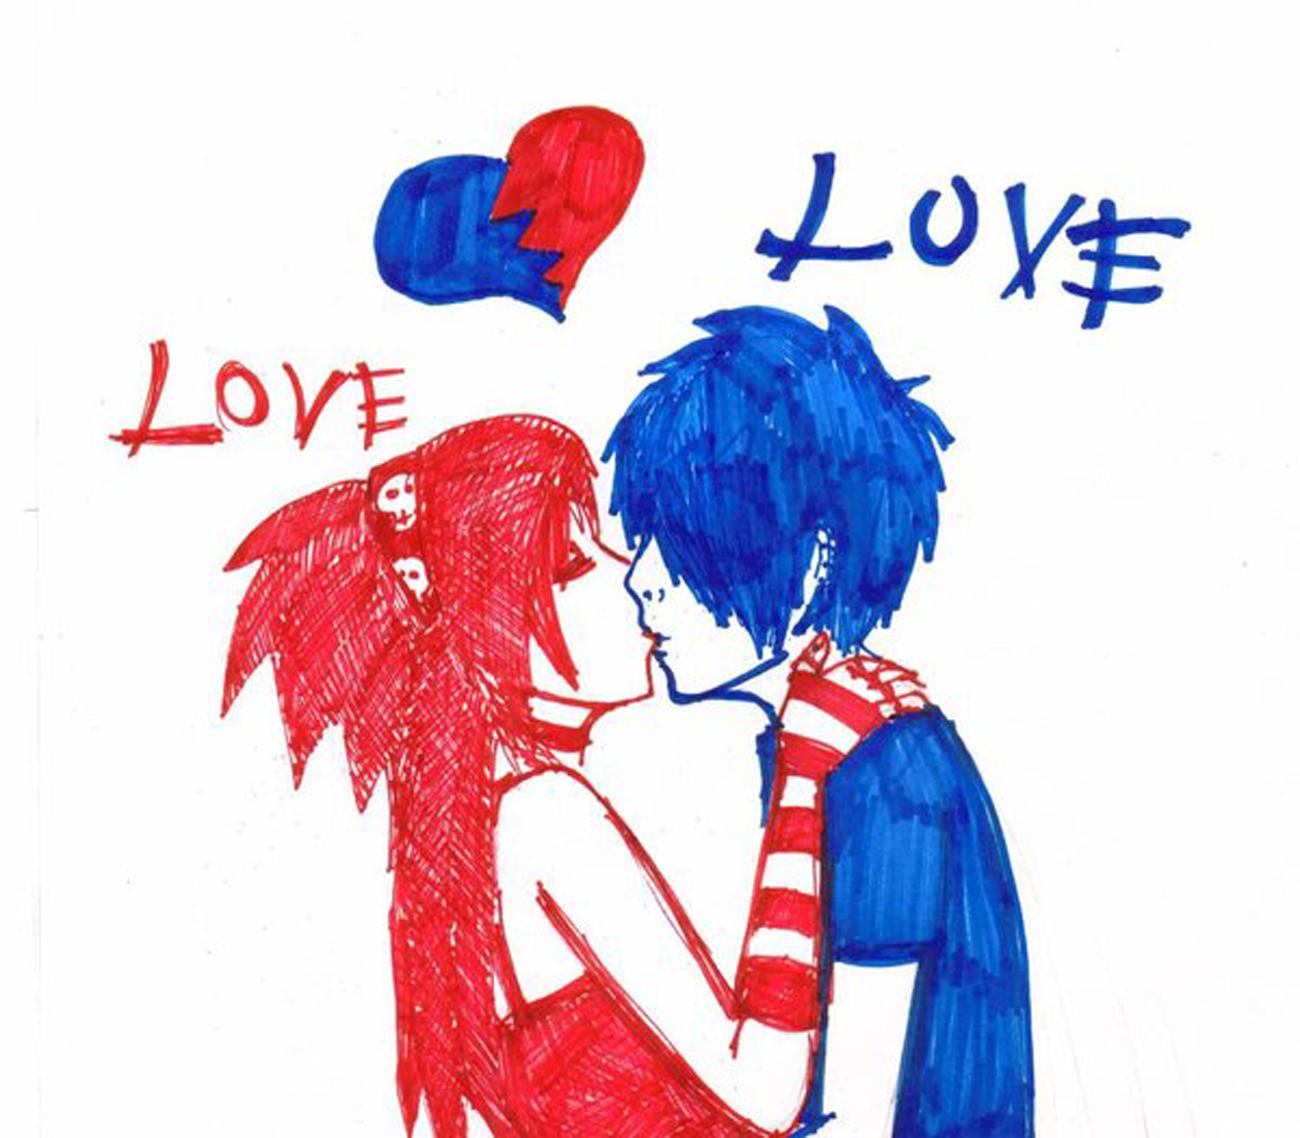 Love Wallpaper Long : FbLovelyPic s